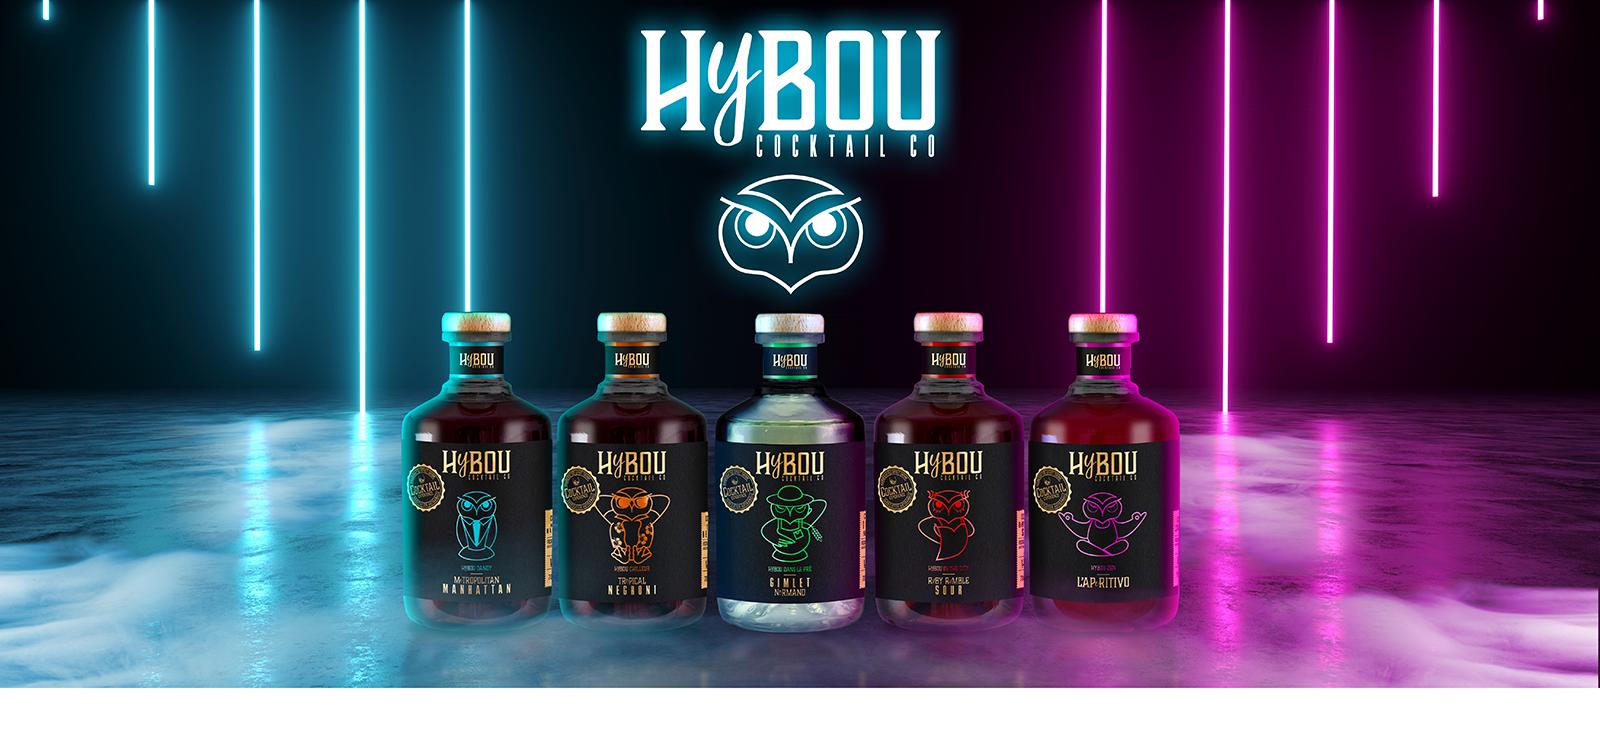 Hybou Cocktails Co Premium Dugas Club Expert